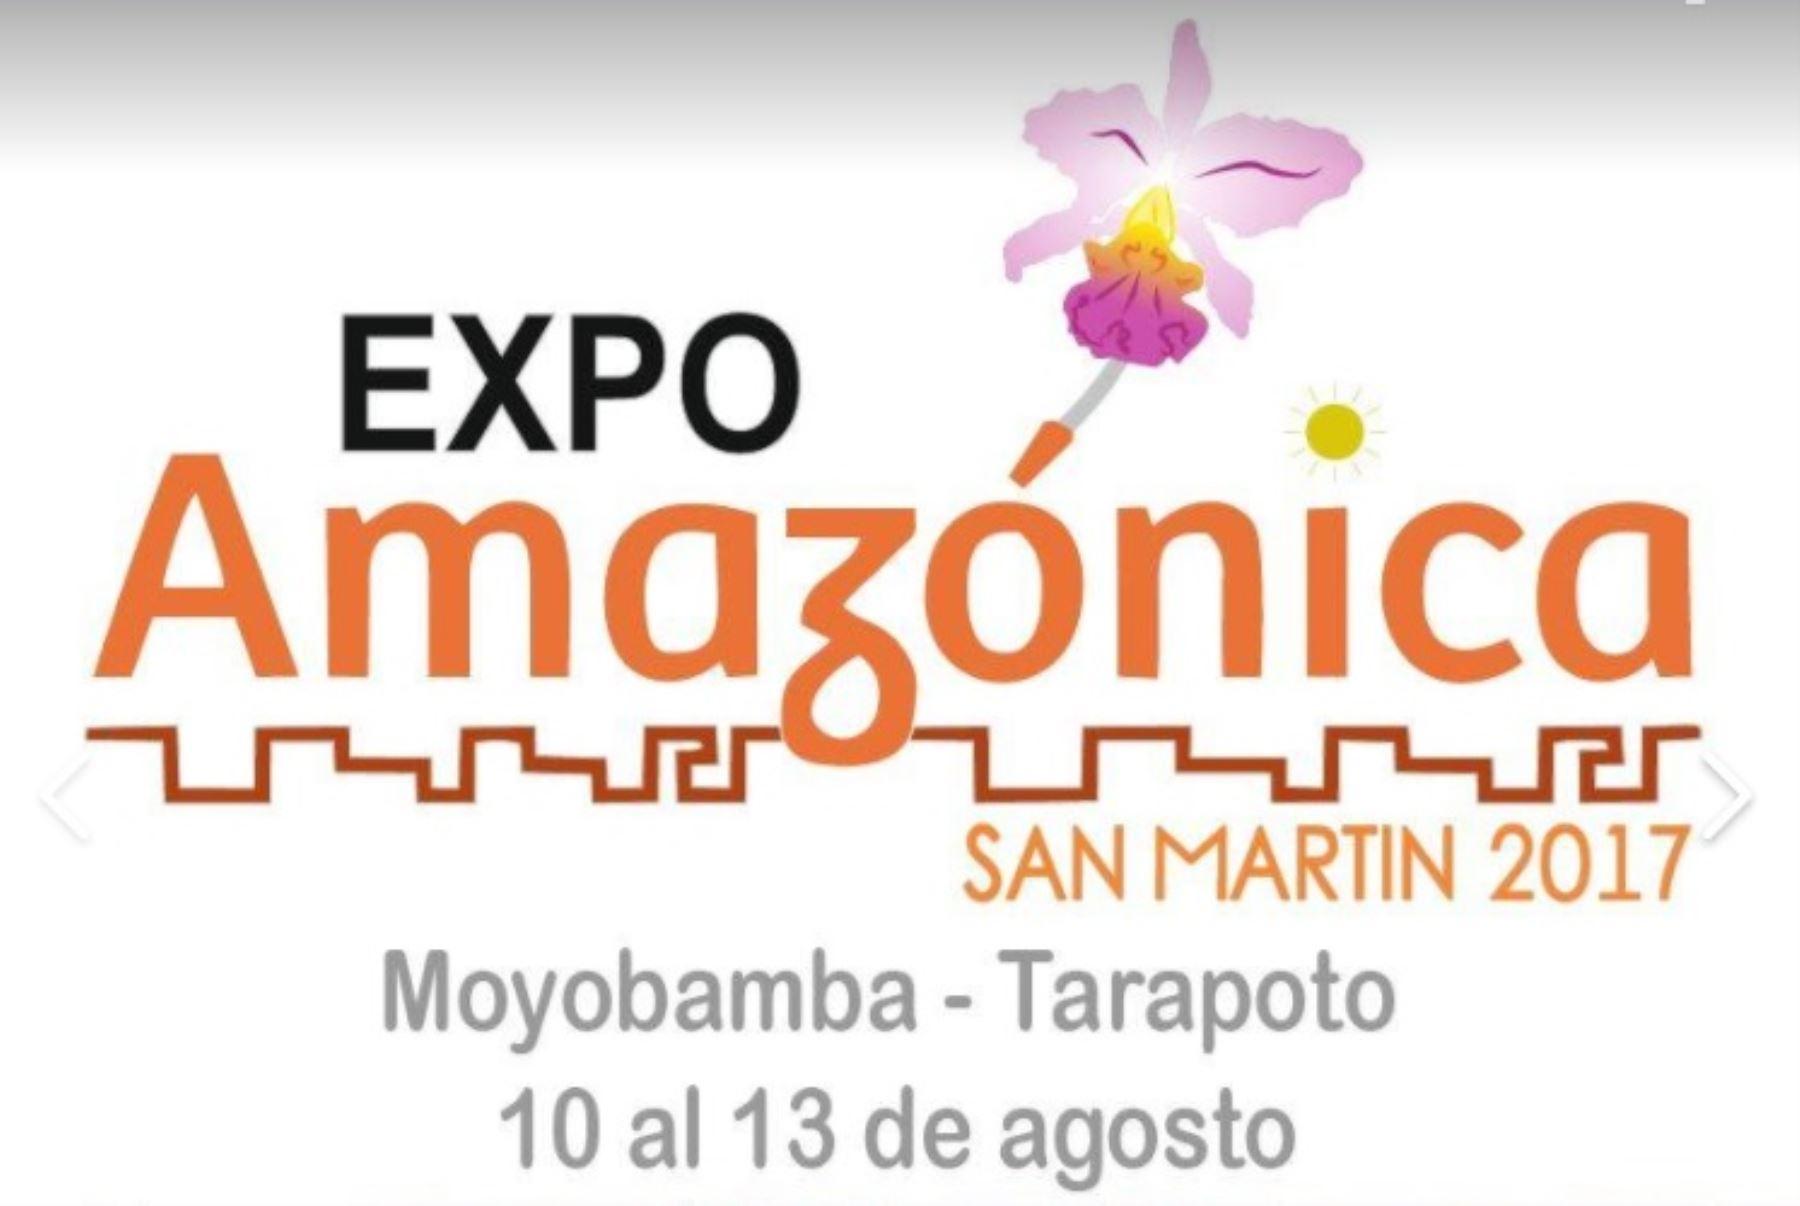 La ExpoAmazónica 2017 proyecta generar negocios por más de 50 millones de soles en el corto plazo gracias al gran potencial que tiene la Amazonía como destino de inversión y crecimiento sostenible